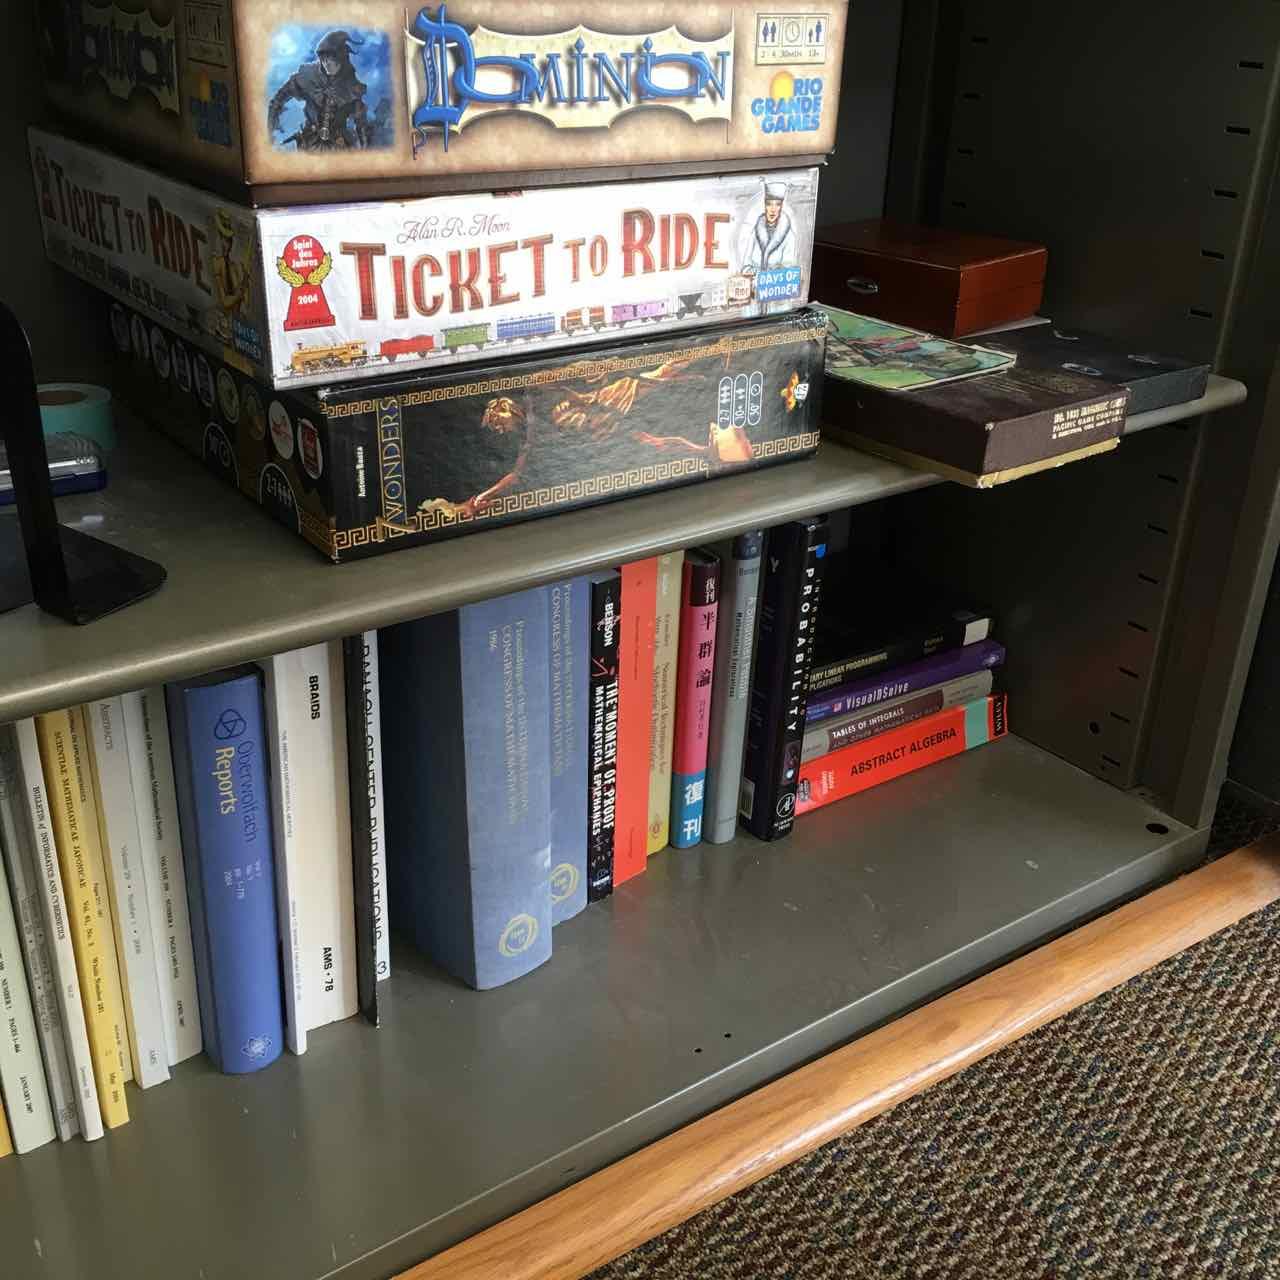 コモンルームの本棚。ひっそりと日本語の数学書が置かれている。日本人教員もお2人いるようだったけれど、この本との関係は不明。